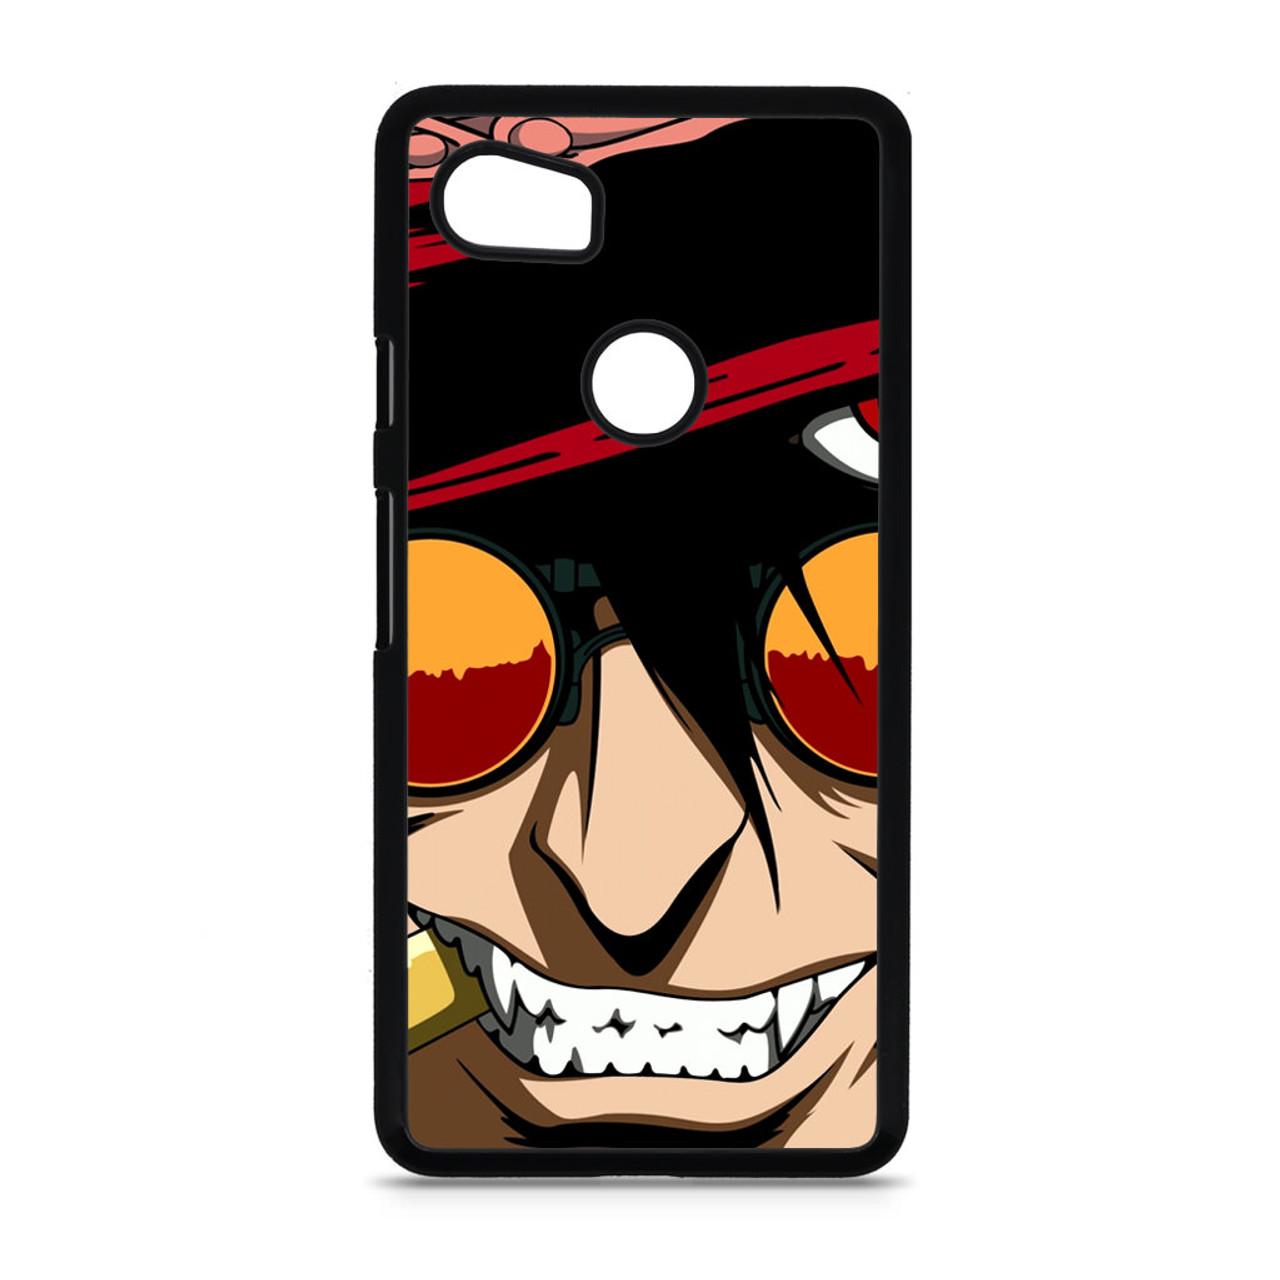 buy online dac63 7f209 Anime Helsing Google Pixel 2 XL Case